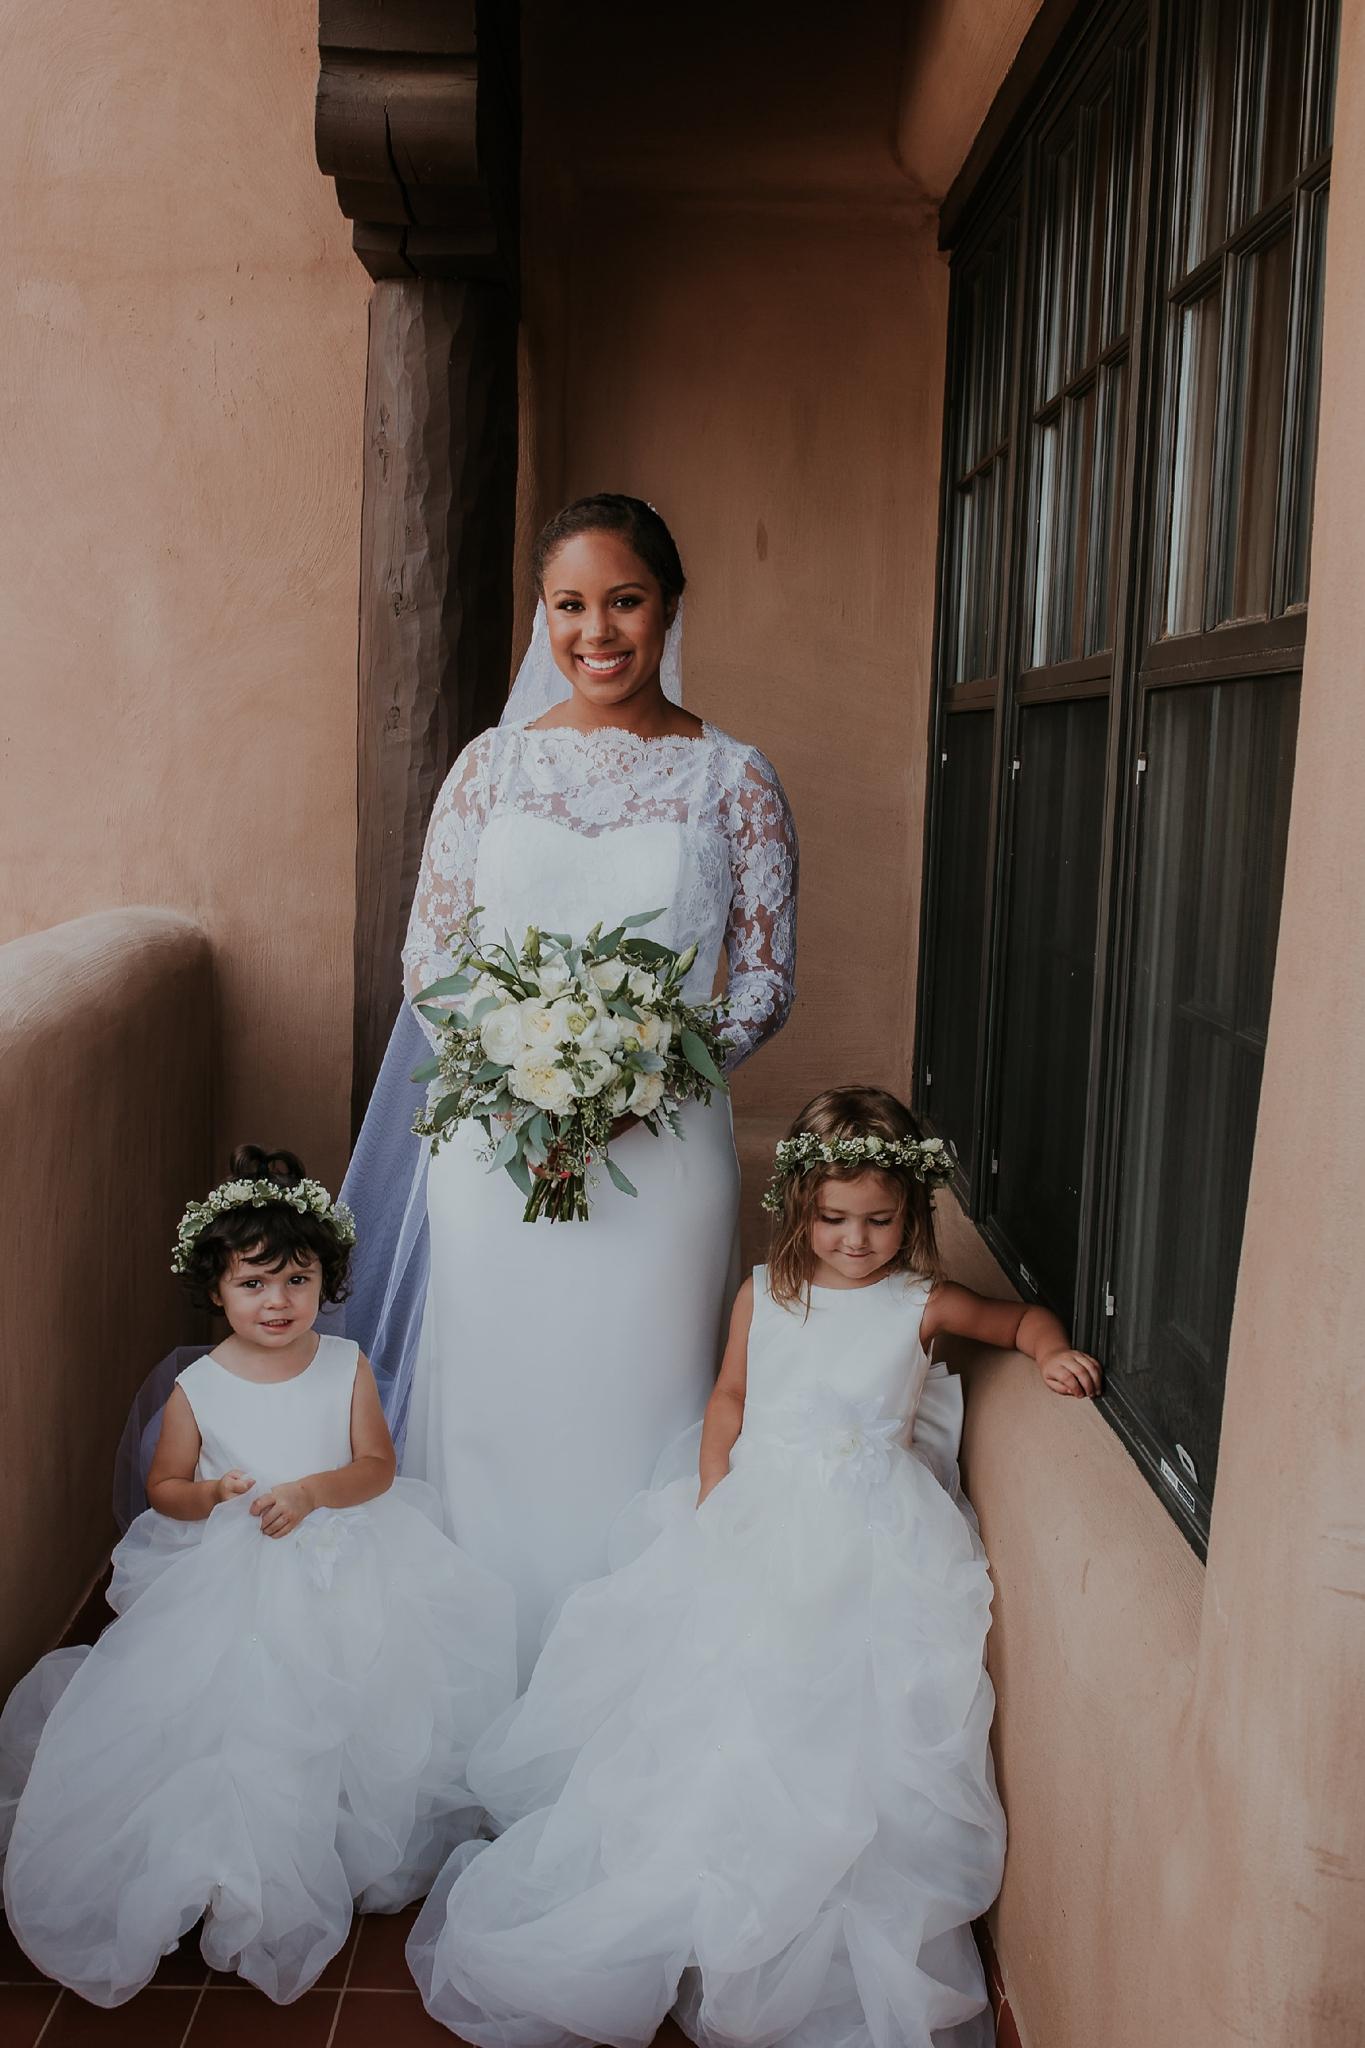 Alicia+lucia+photography+-+albuquerque+wedding+photographer+-+santa+fe+wedding+photography+-+new+mexico+wedding+photographer+-+new+mexico+wedding+-+flower+girl+-+wedding+flower+girl_0075.jpg